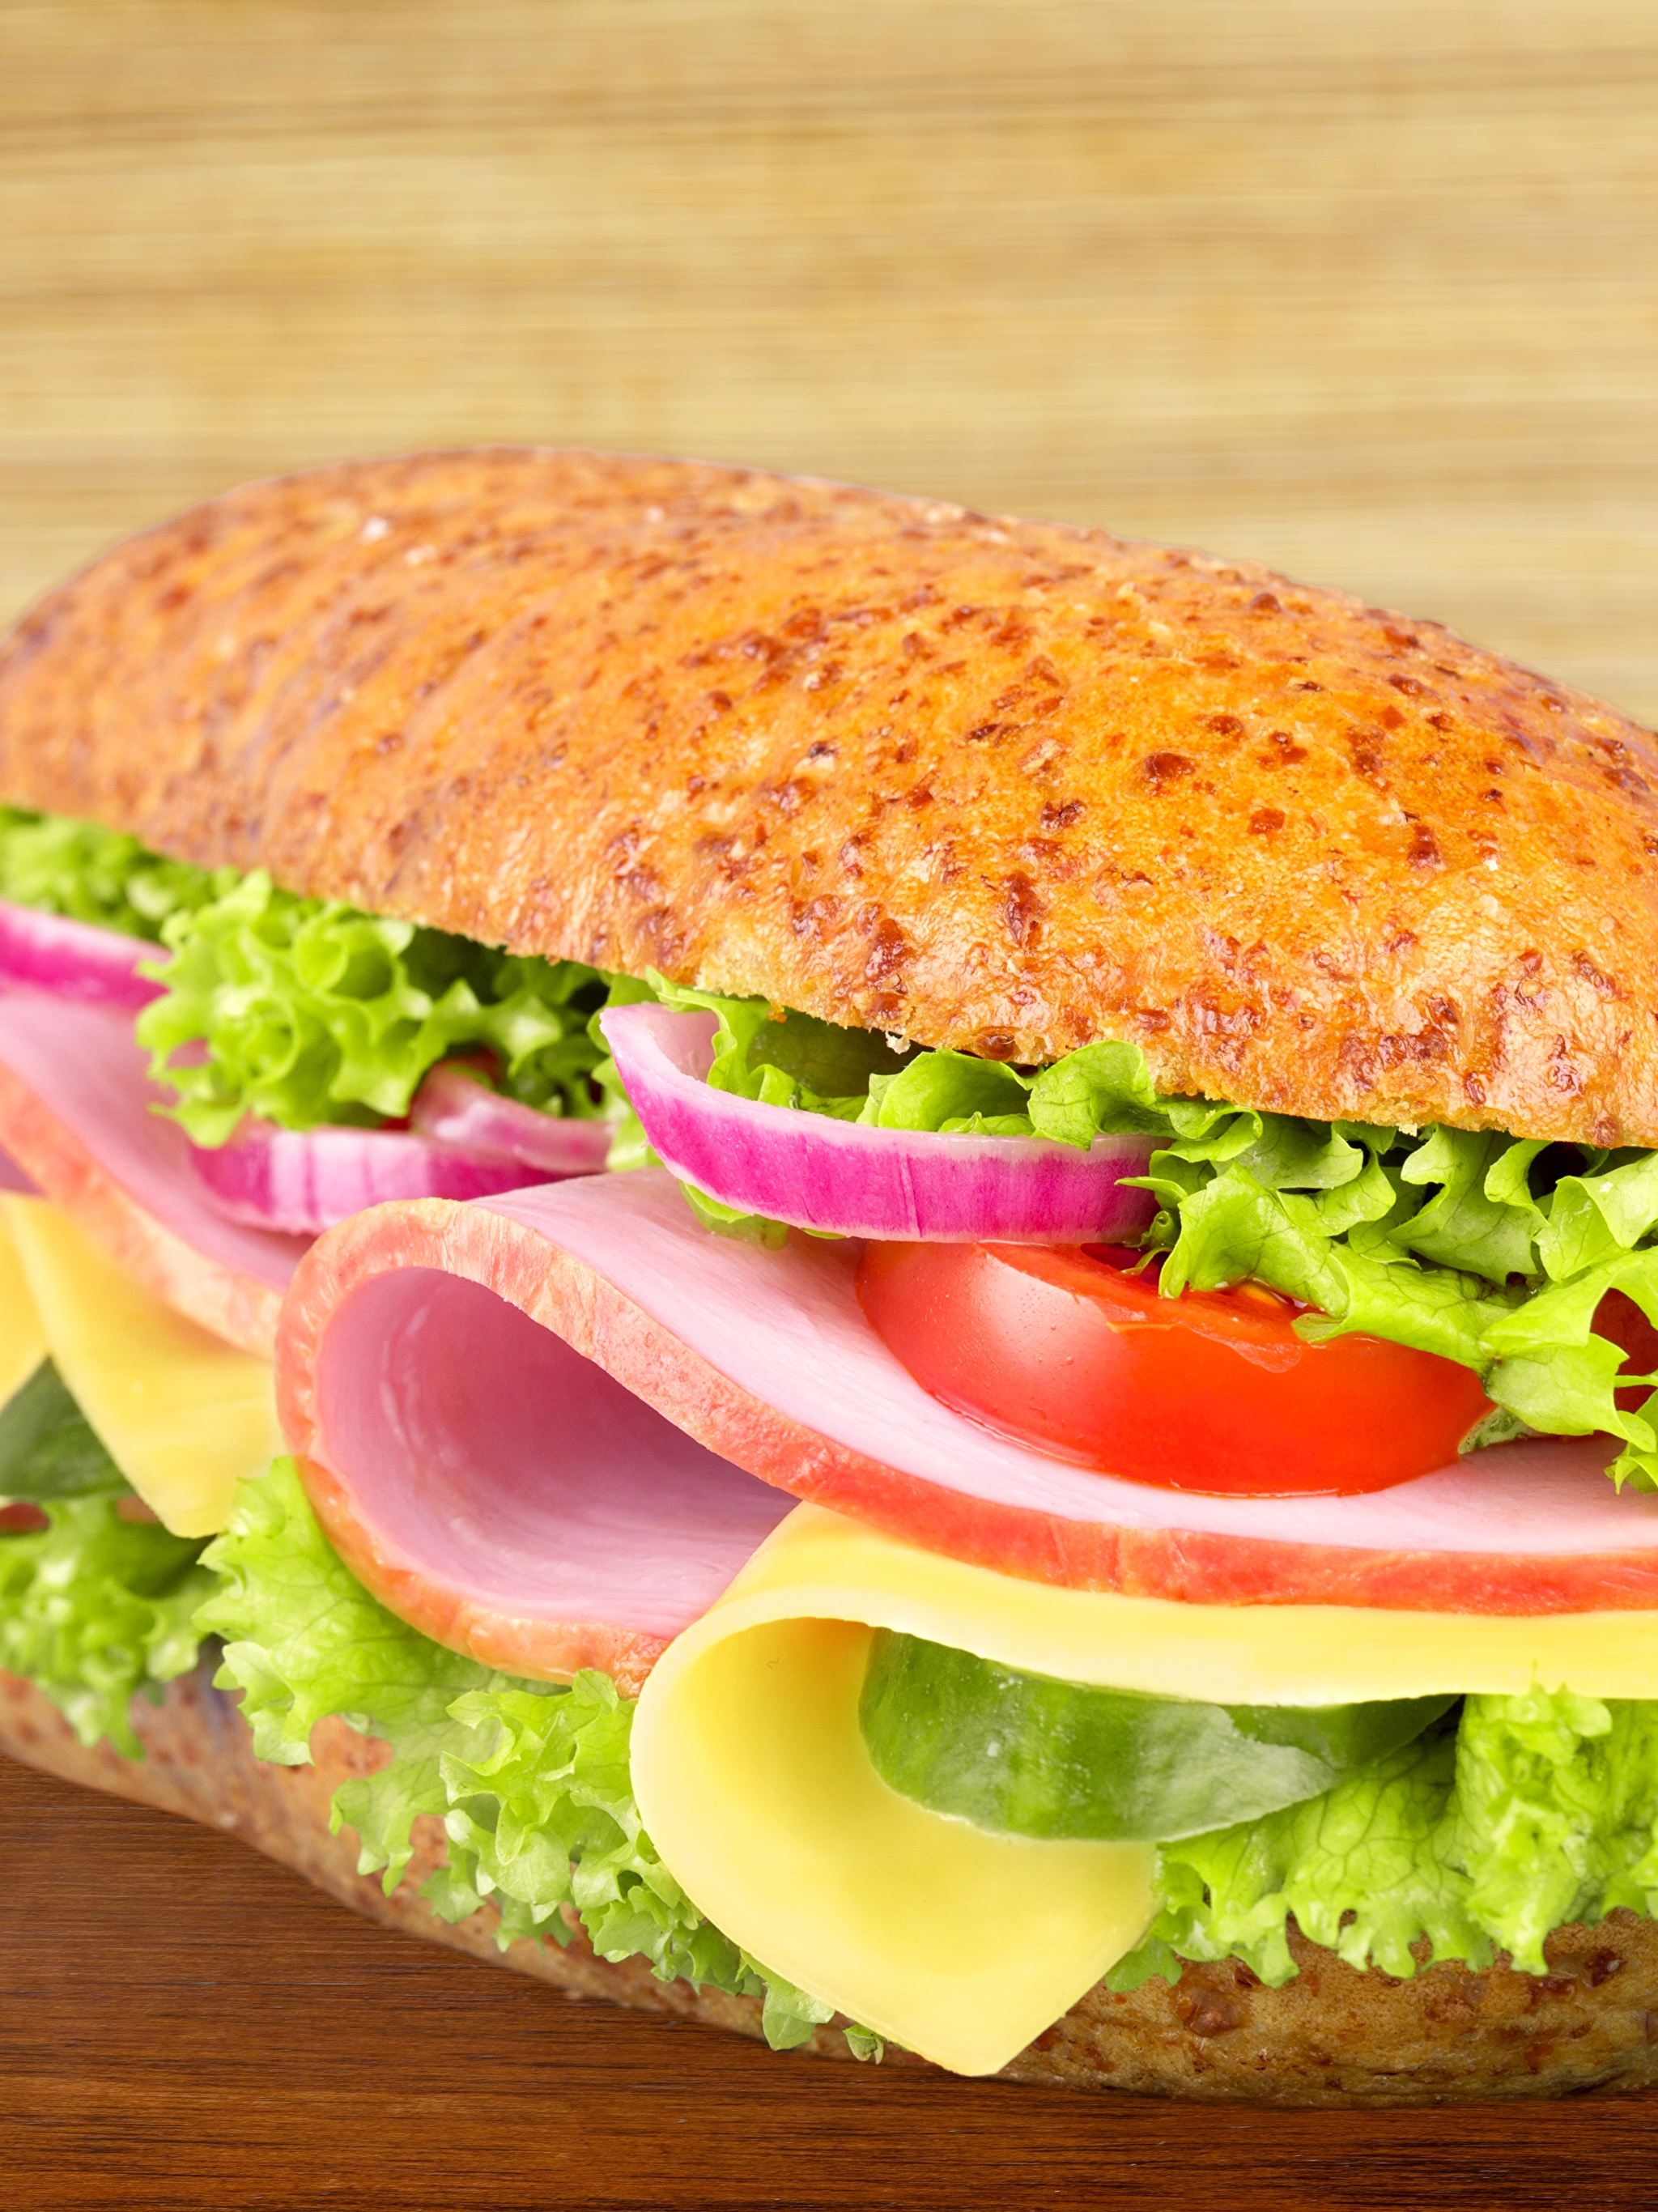 Hintergrundbilder Lebensmittel Schinken Brötchen Fast food Butterbrot Bretter Gemüse Sandwich 2048x2732